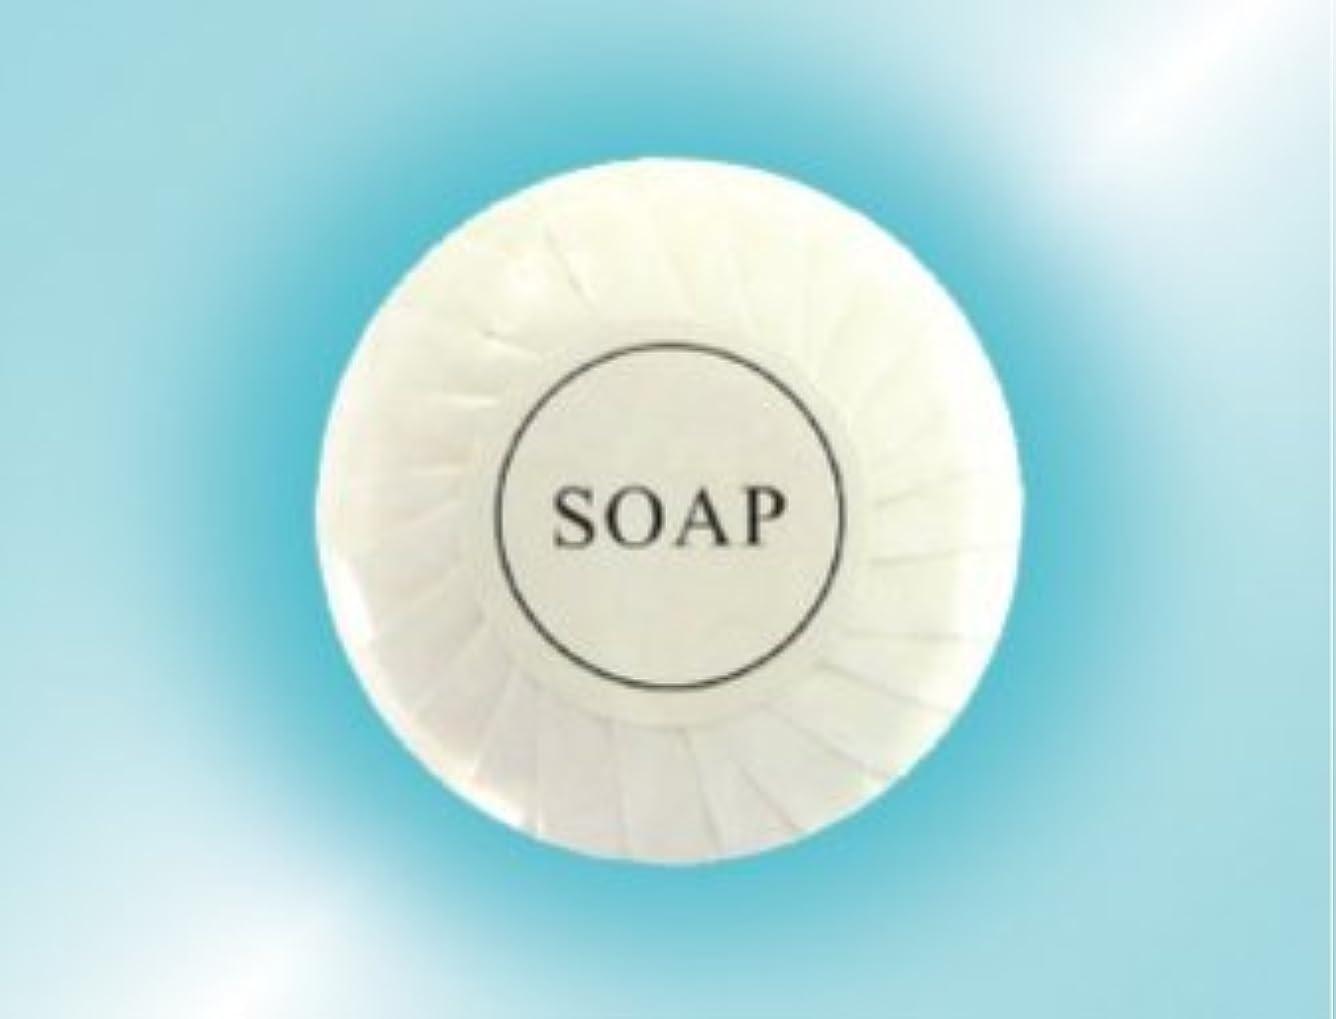 粉砕する励起フラップ石鹸 レーシンソープ 丸15g 300個